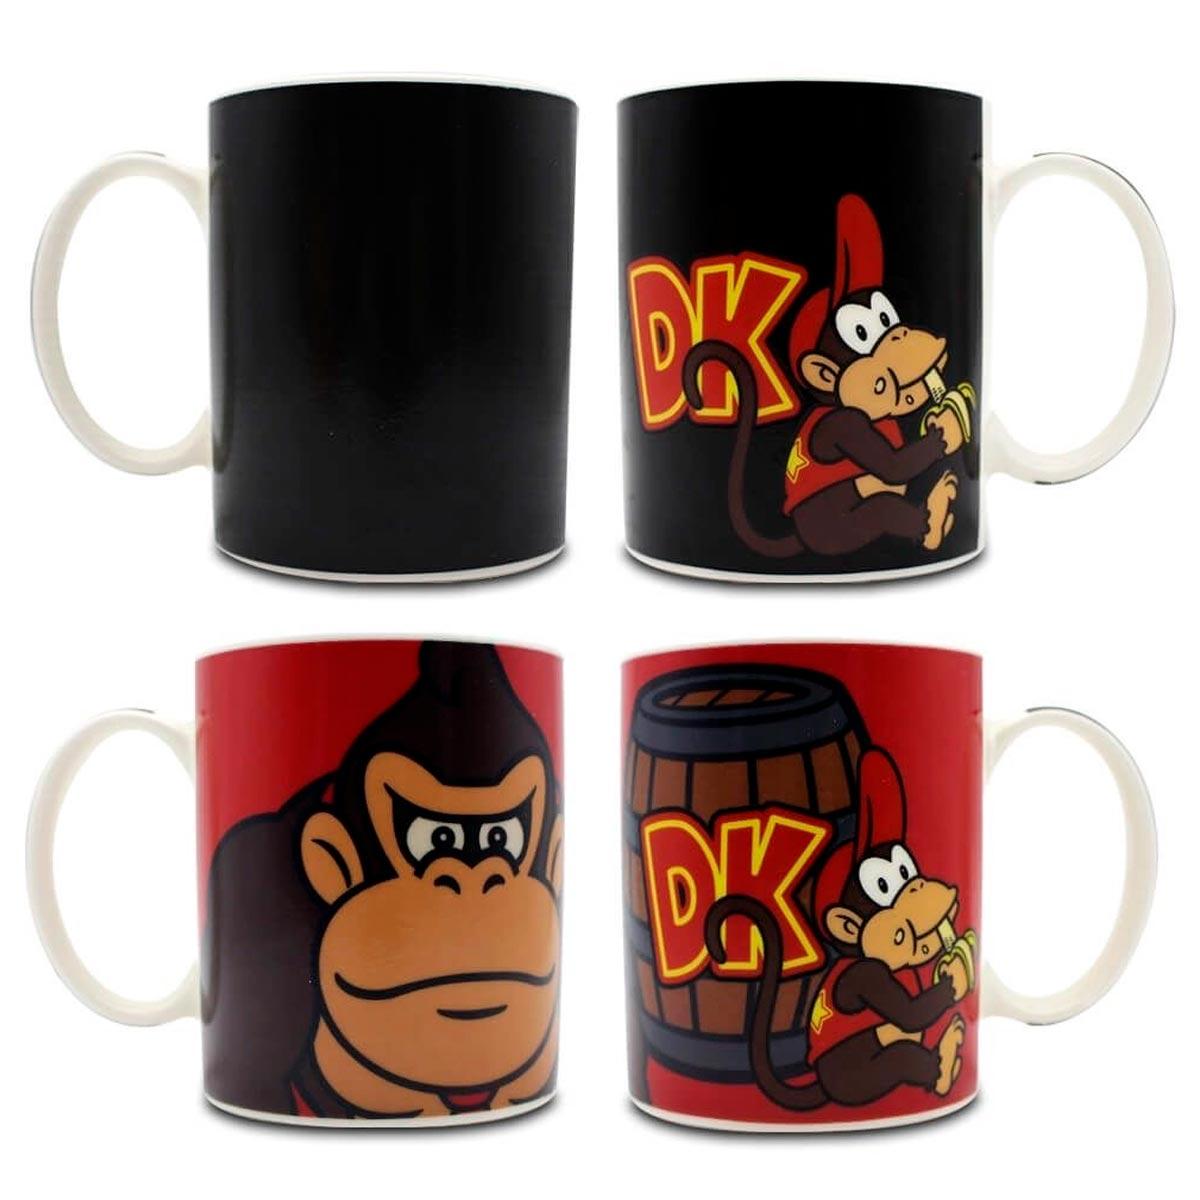 Caneca Mágica Termossensível Donkey Kong - Presente Super